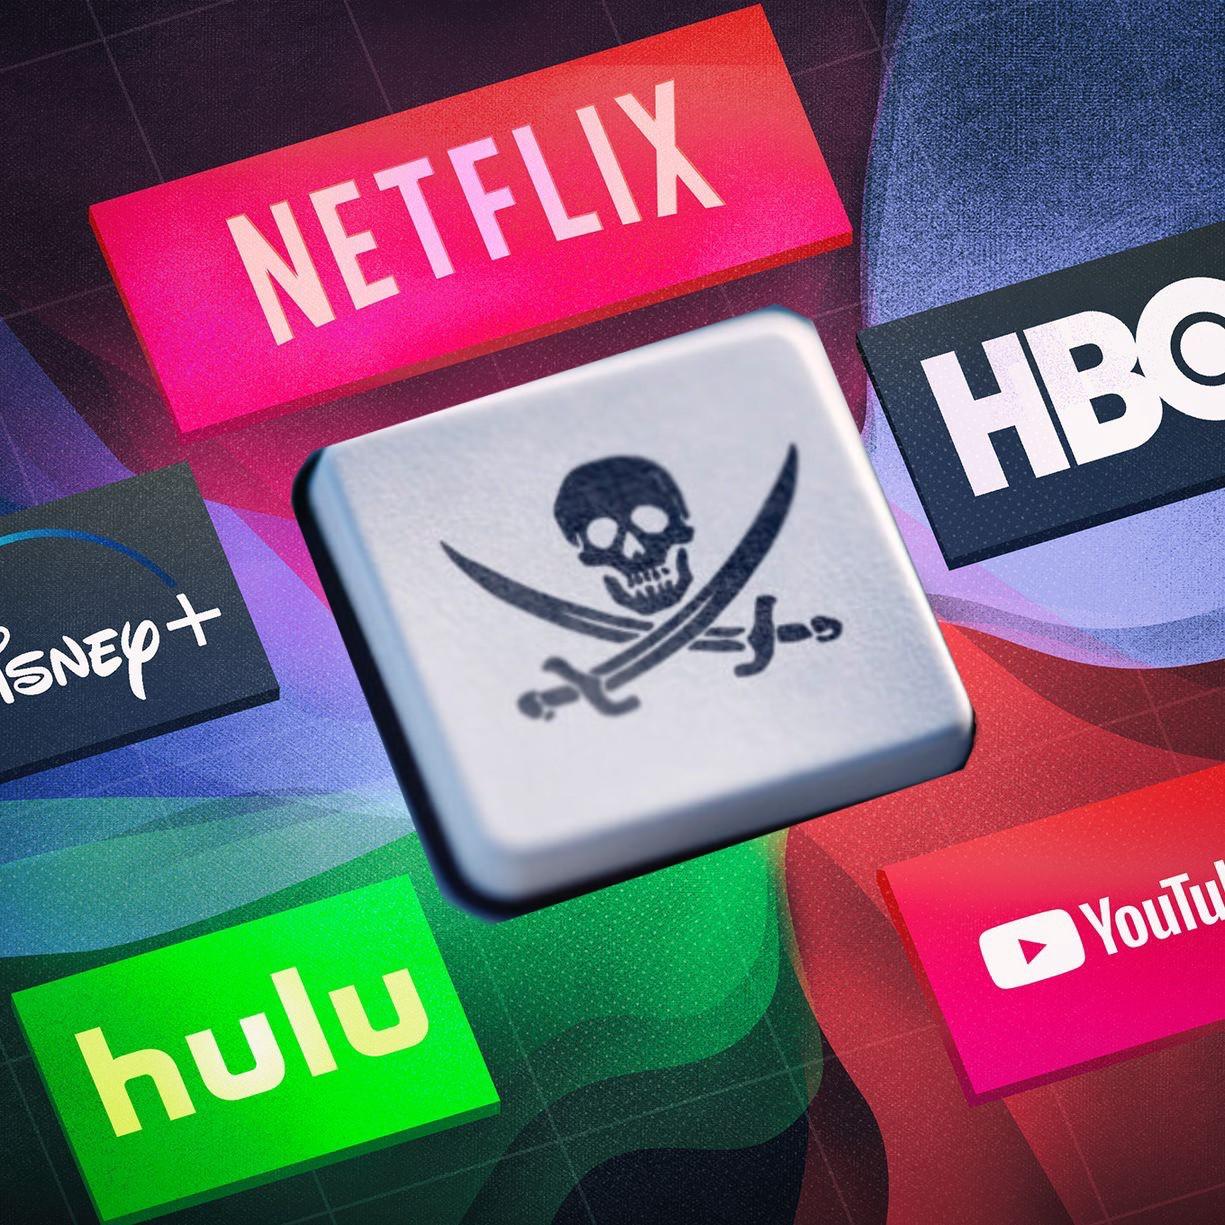 Group-IB: онлайн-пираты нашли новые способы обходить блокировки